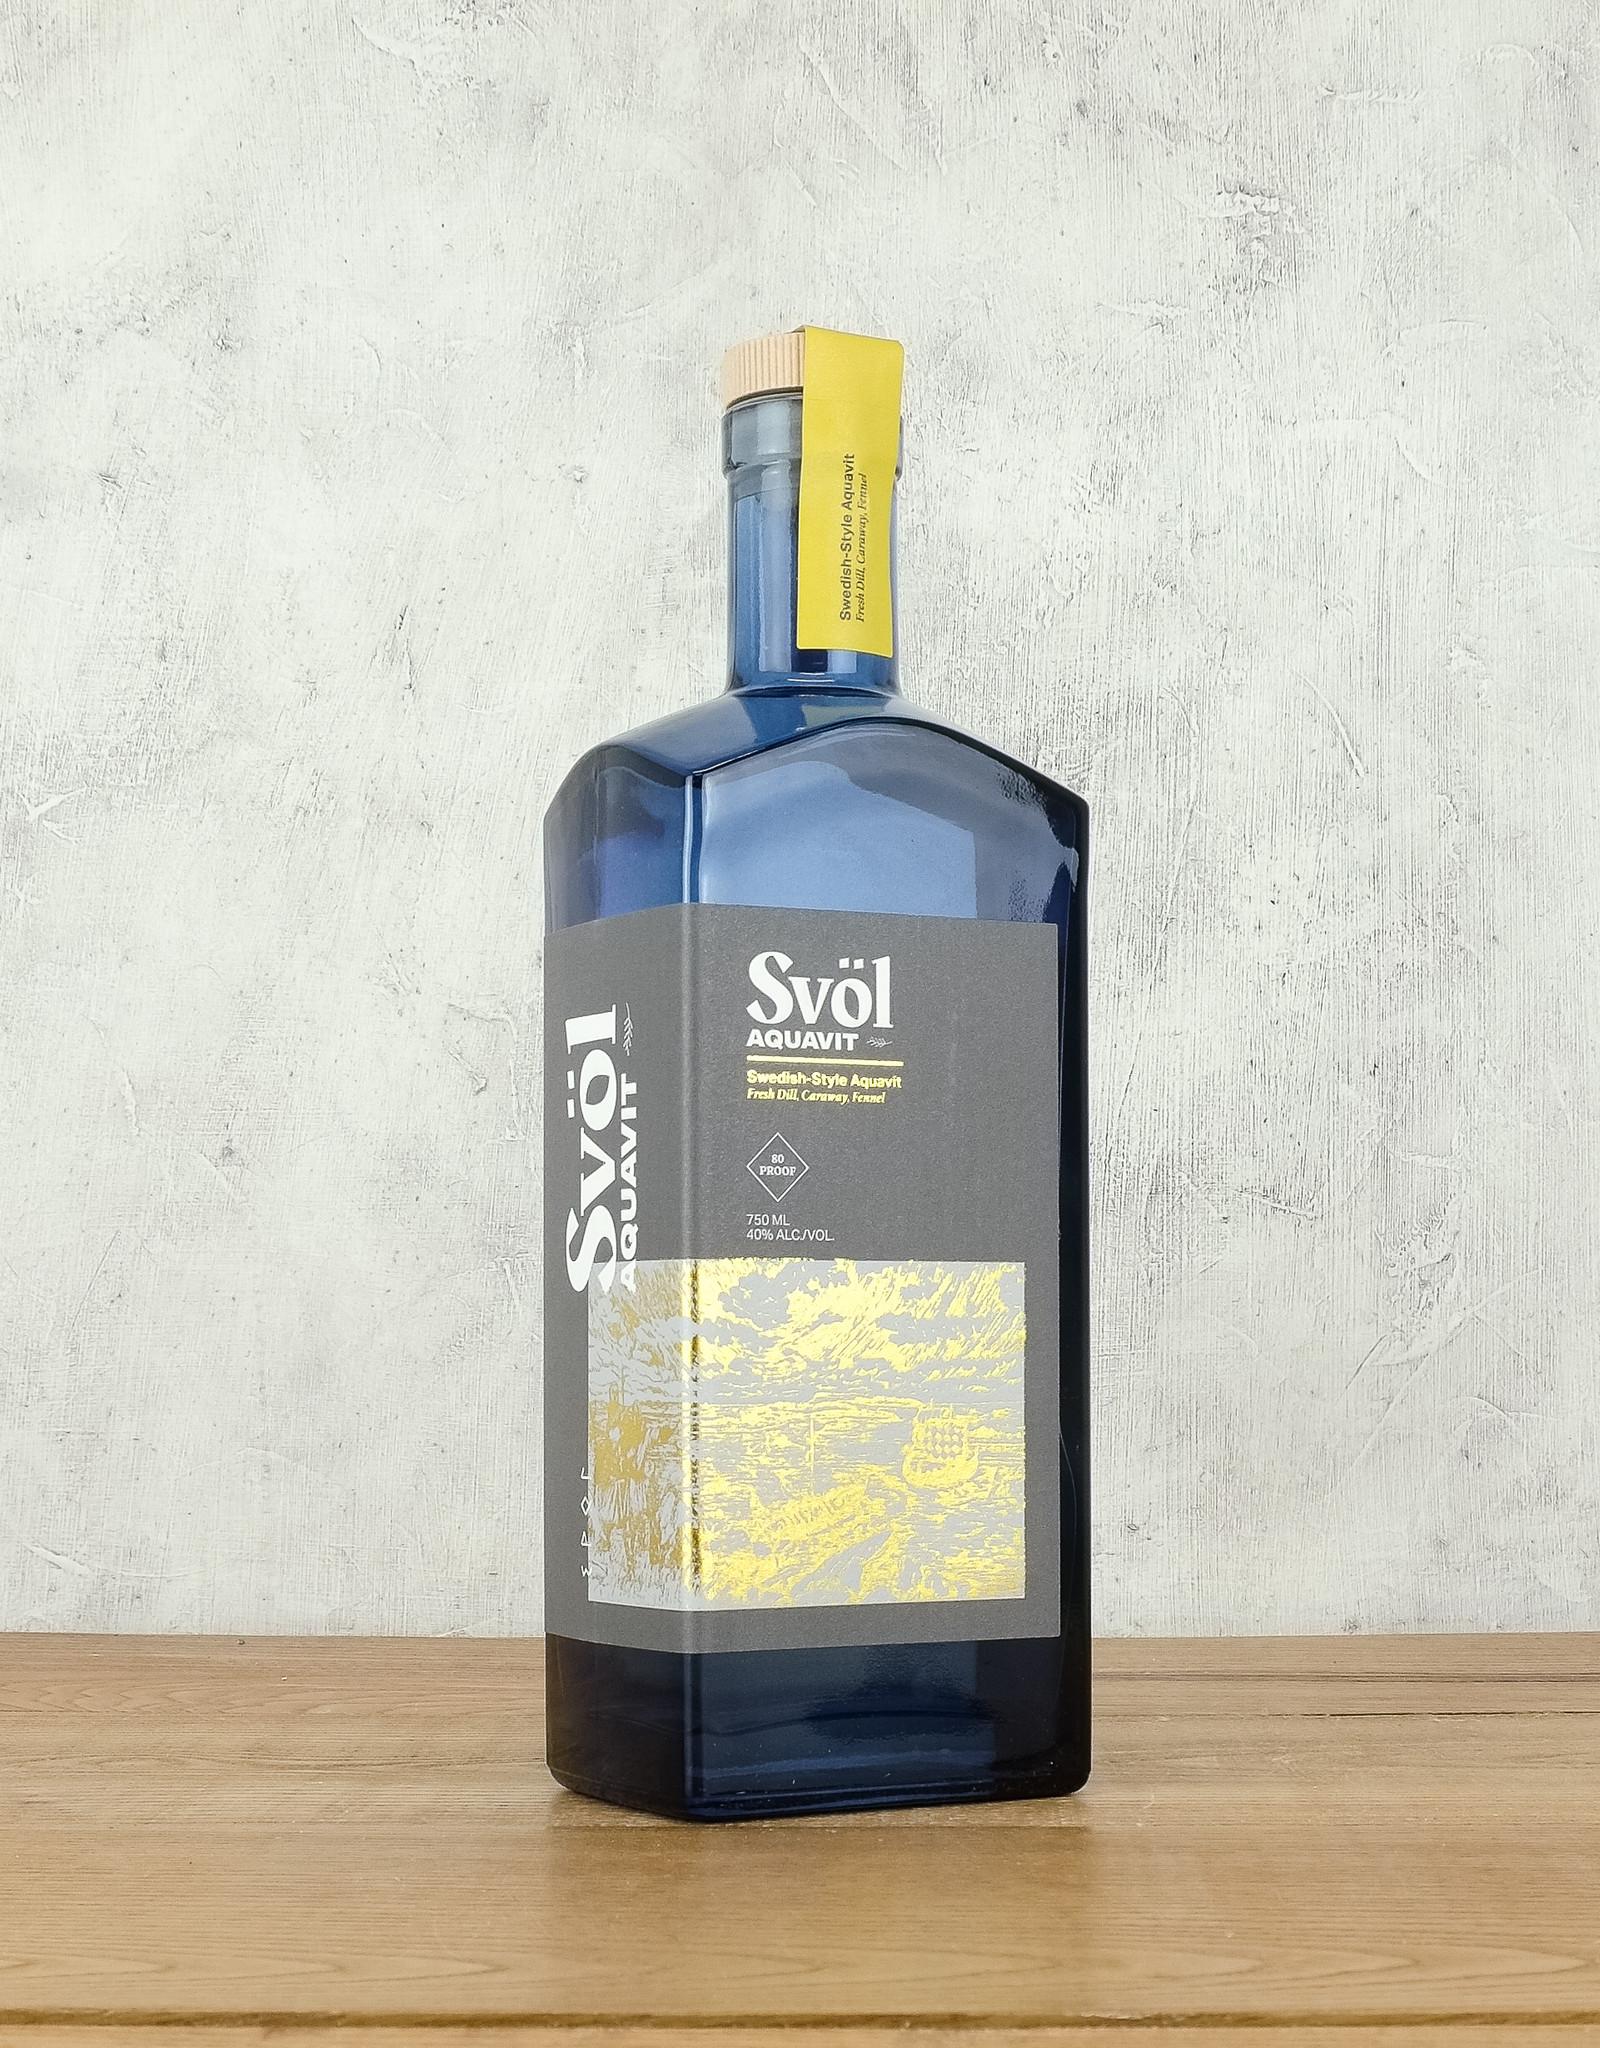 Svol Aquavit Swedish